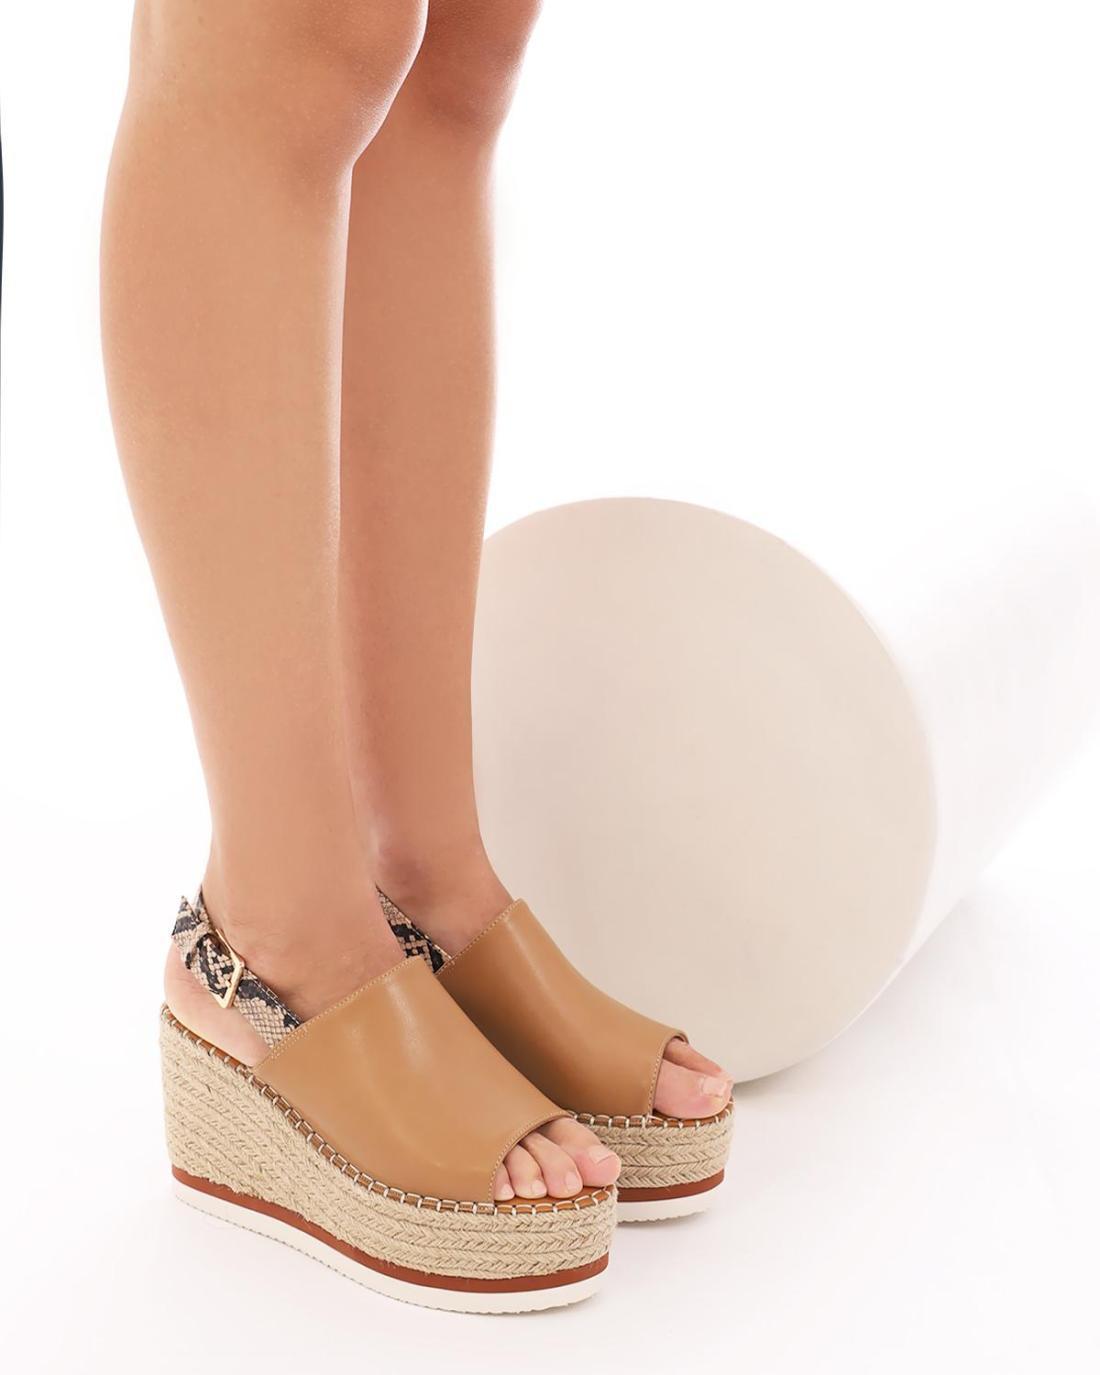 Beige platform-sandals